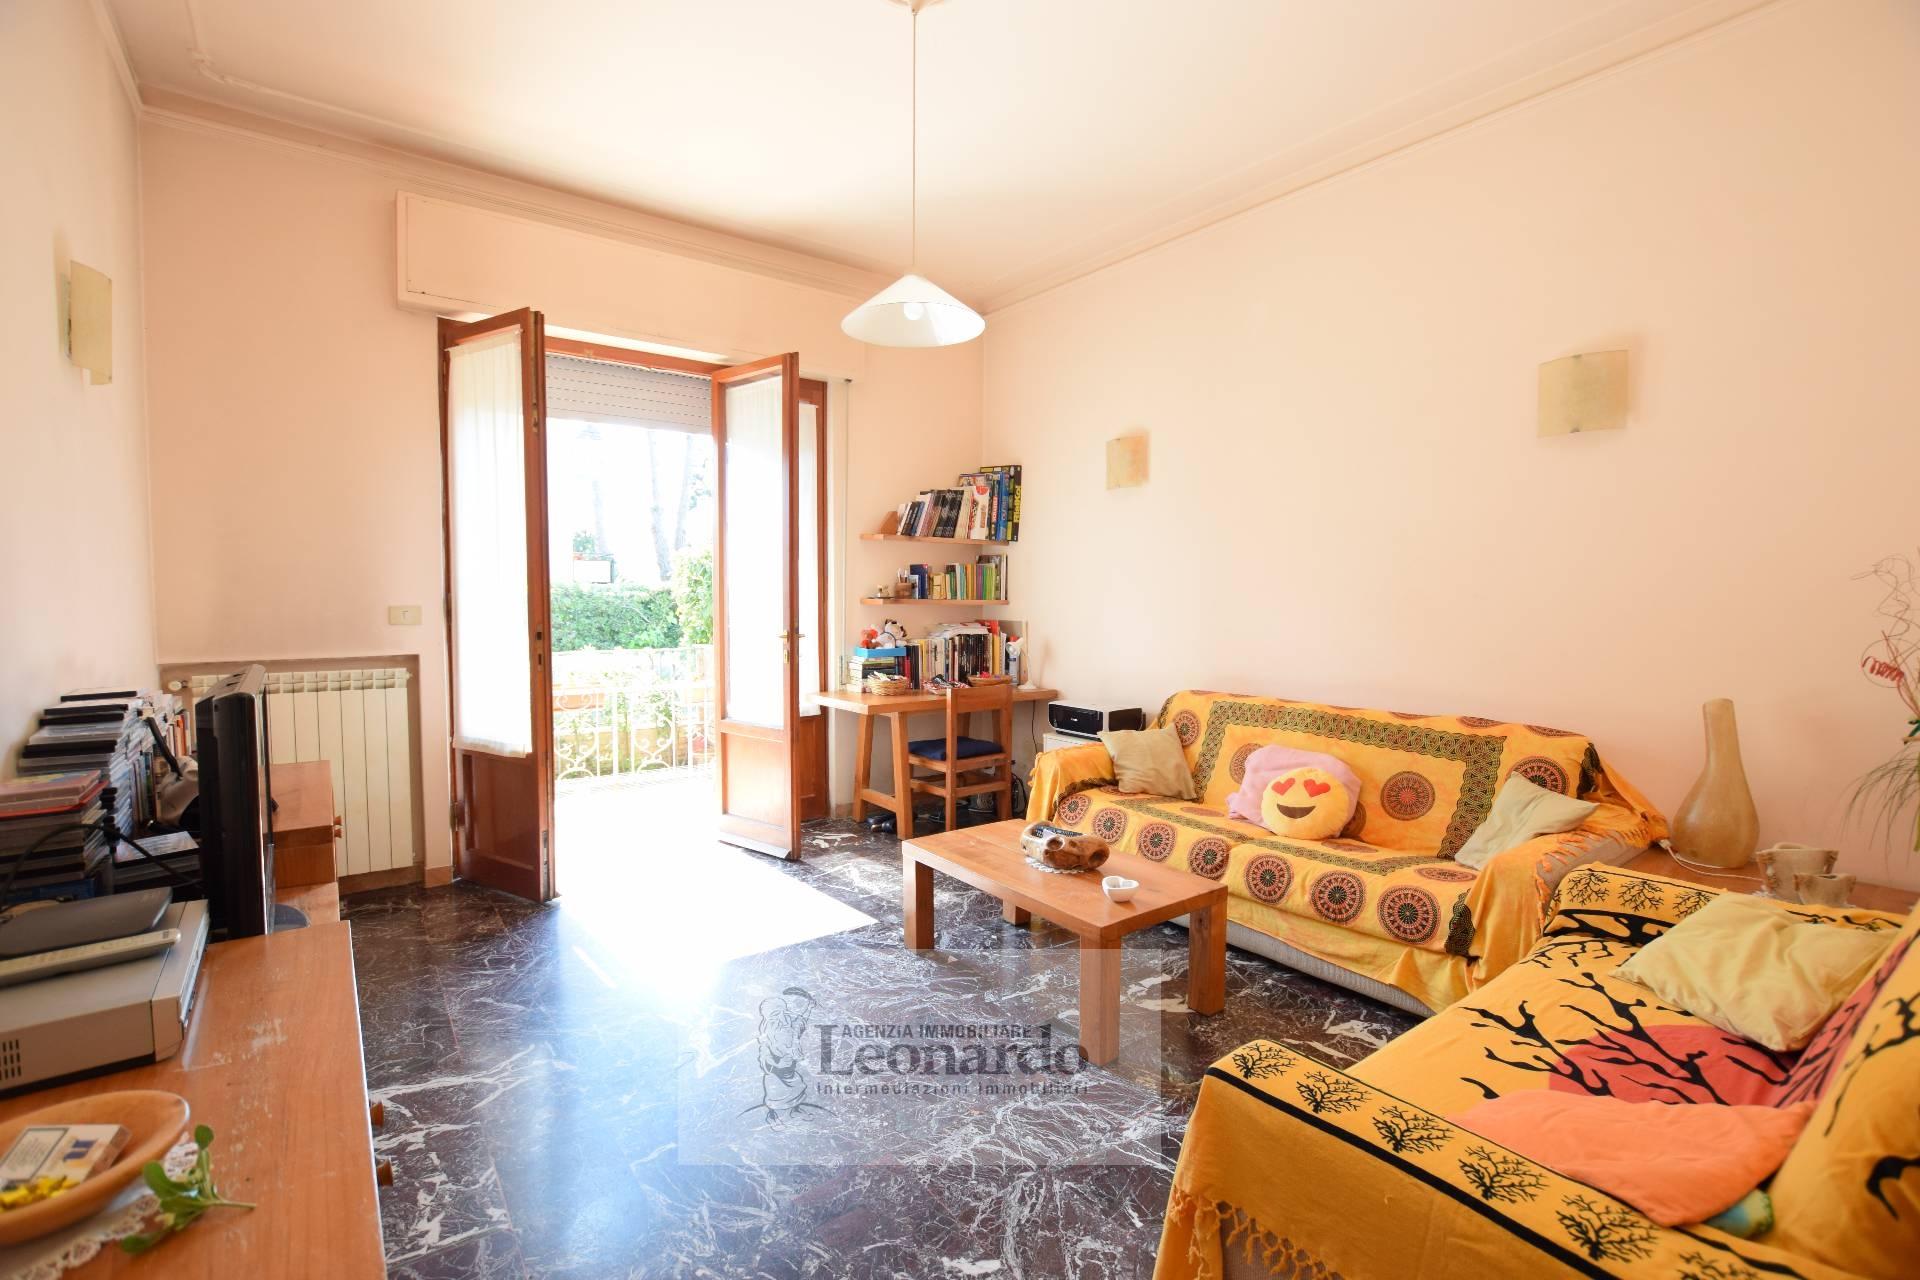 Soluzione Indipendente in vendita a Camaiore, 7 locali, zona Località: LidodiCamaiore, prezzo € 385.000   Cambio Casa.it